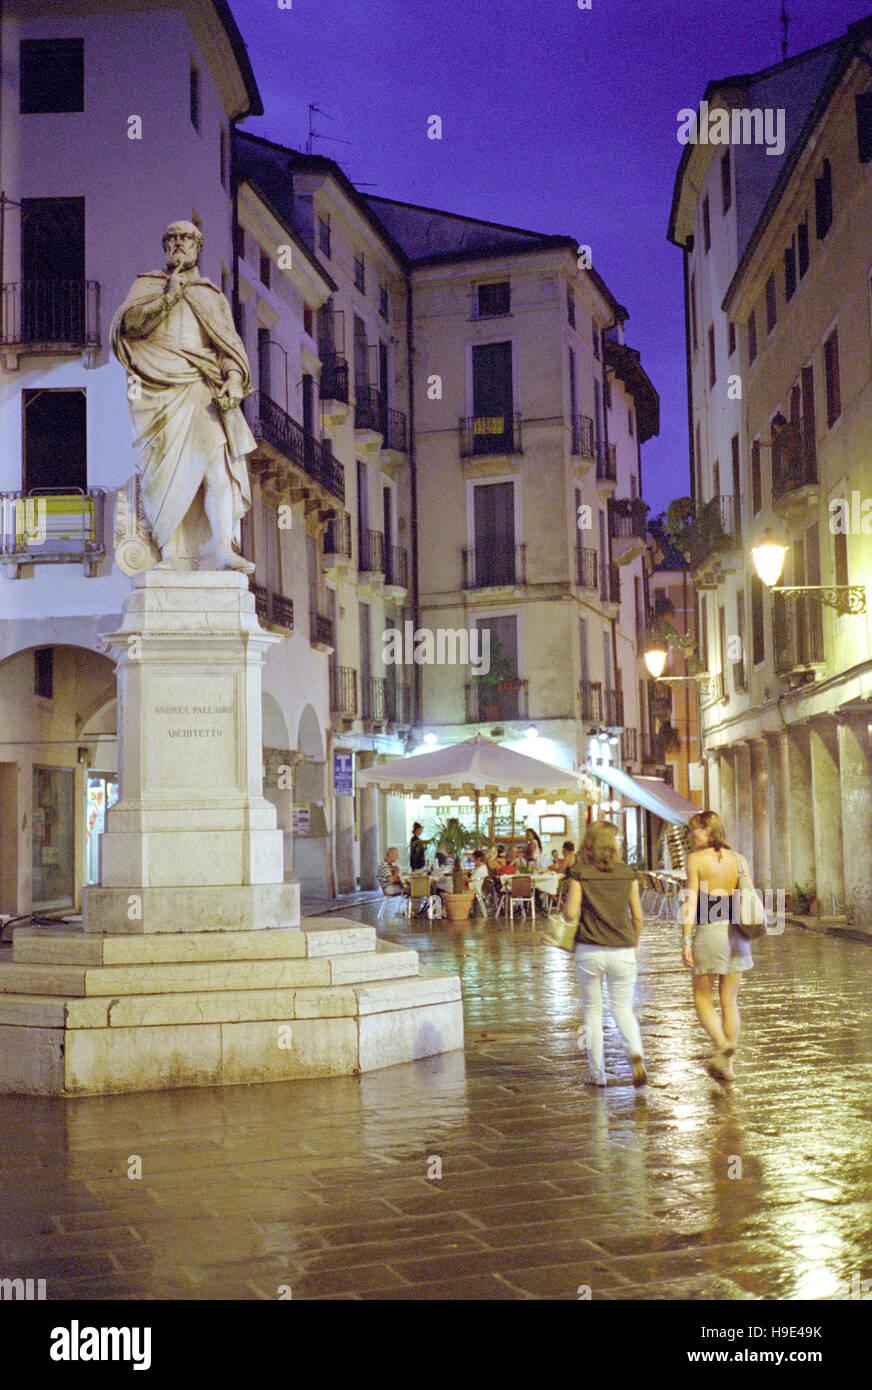 Italy, Veneto, Vicenza, Piazzetta Andrea Palladio Square, Andrea Palladio Monument - Stock Image